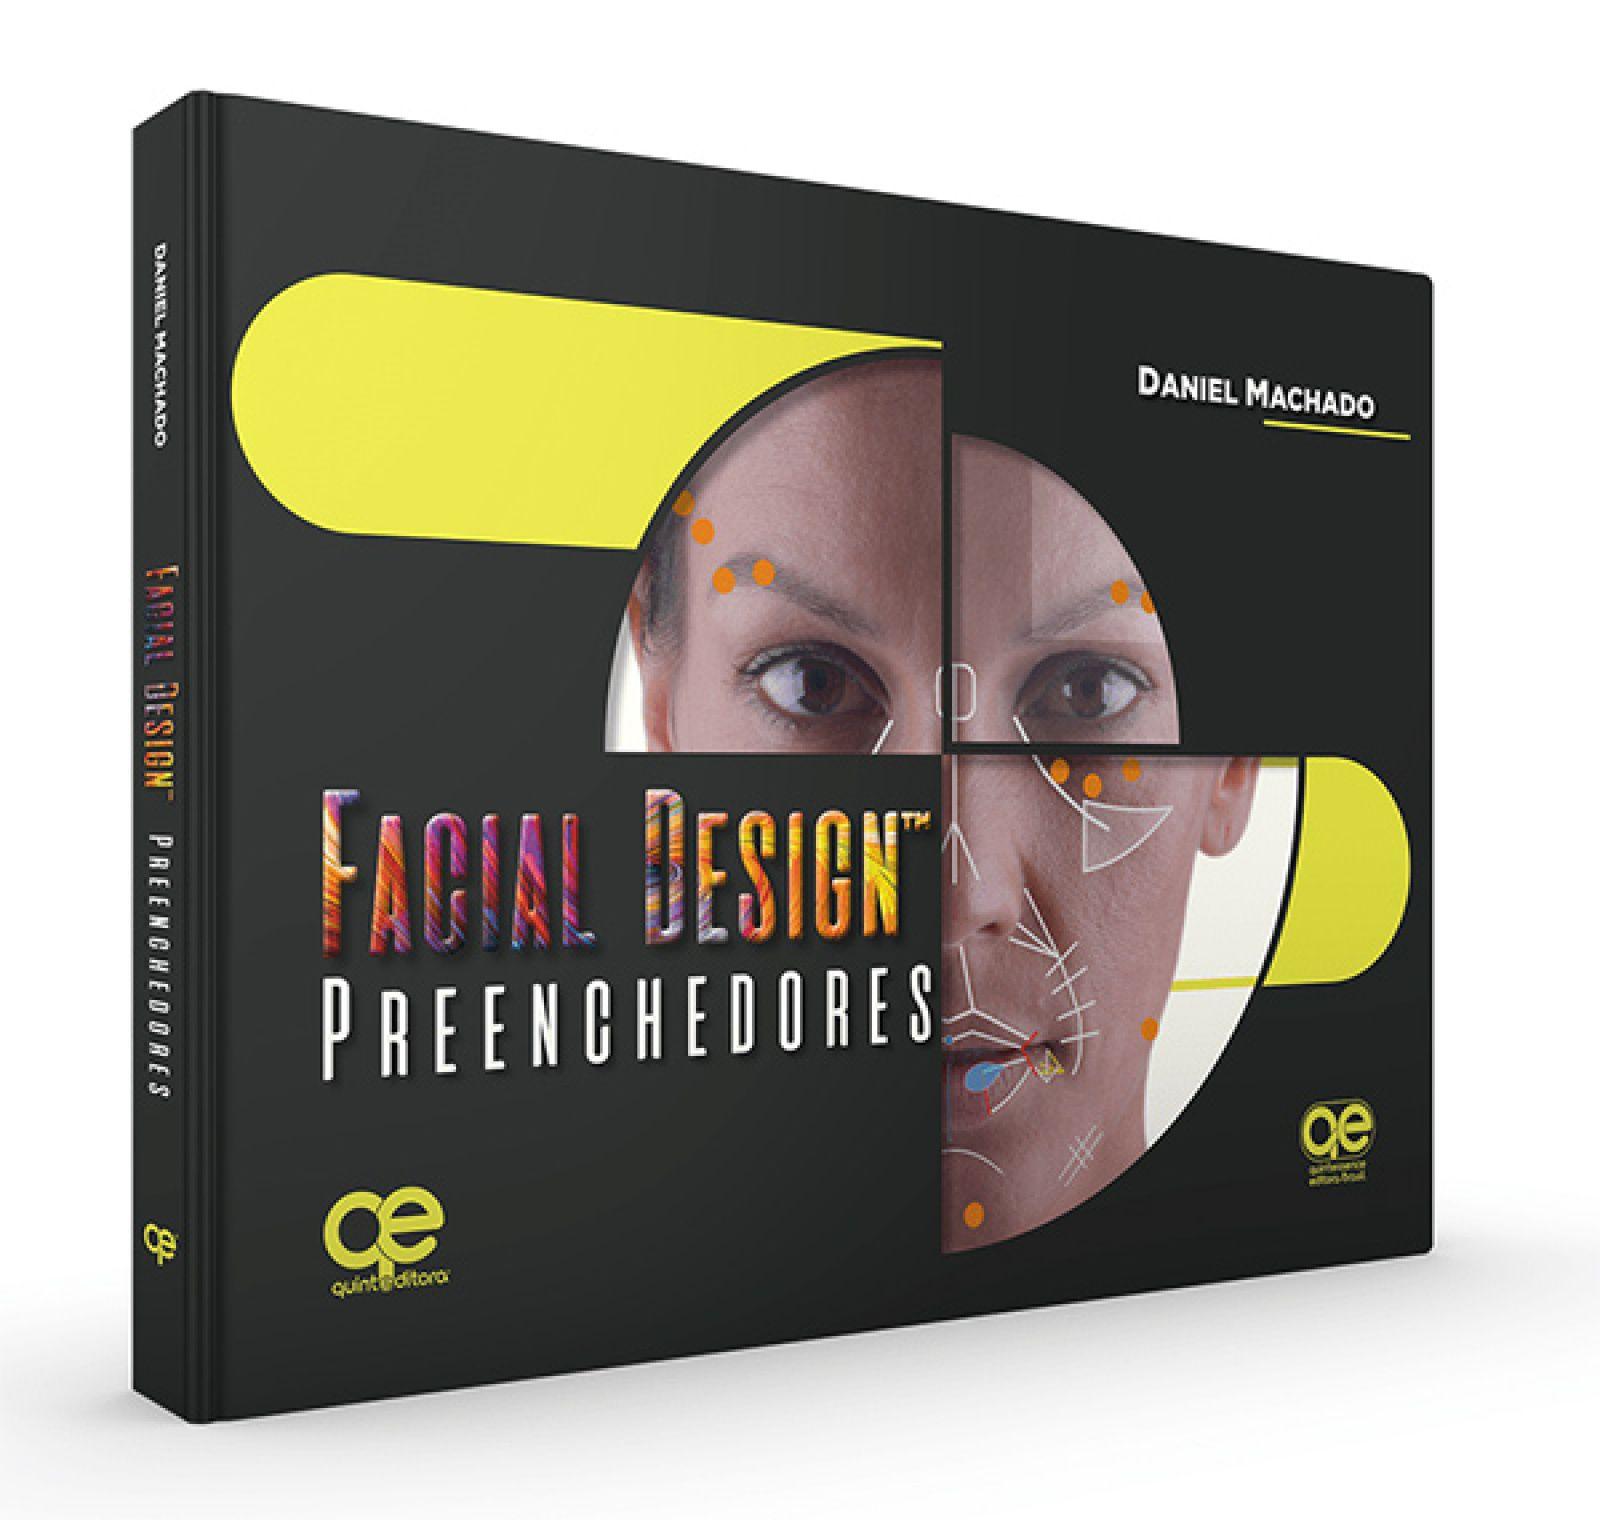 Livro Facial Design Preenchedores, Daniel Machado